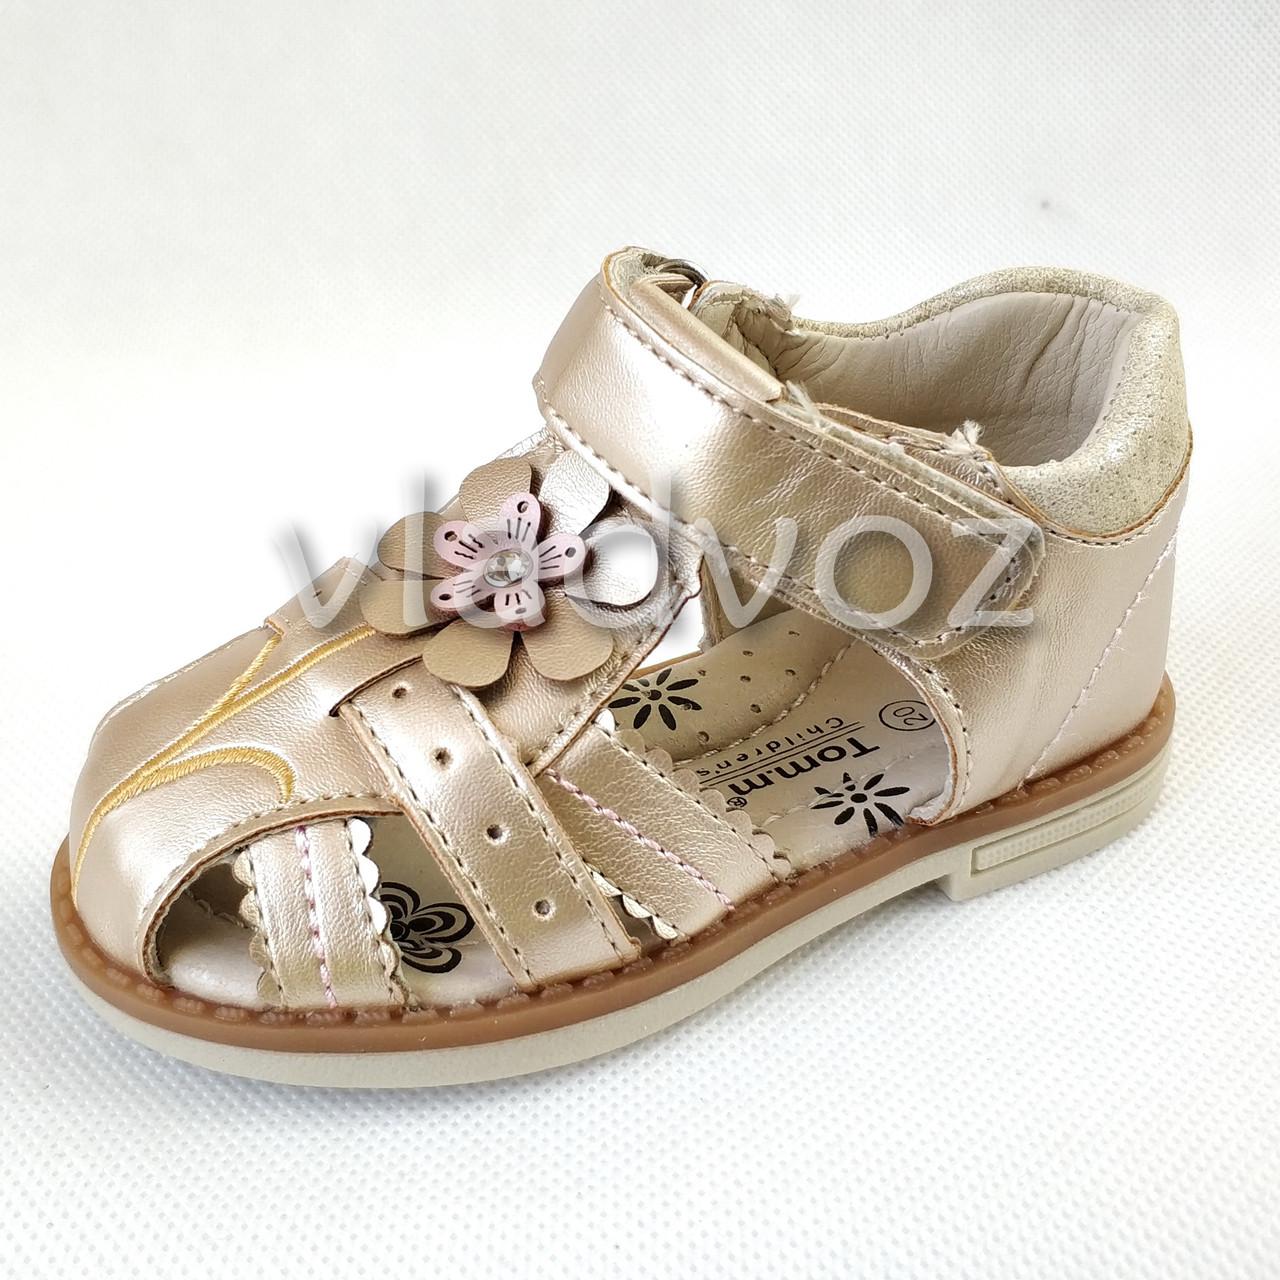 Детские босоножки сандалии для девочки, девочек золотистые 22р. Том.м